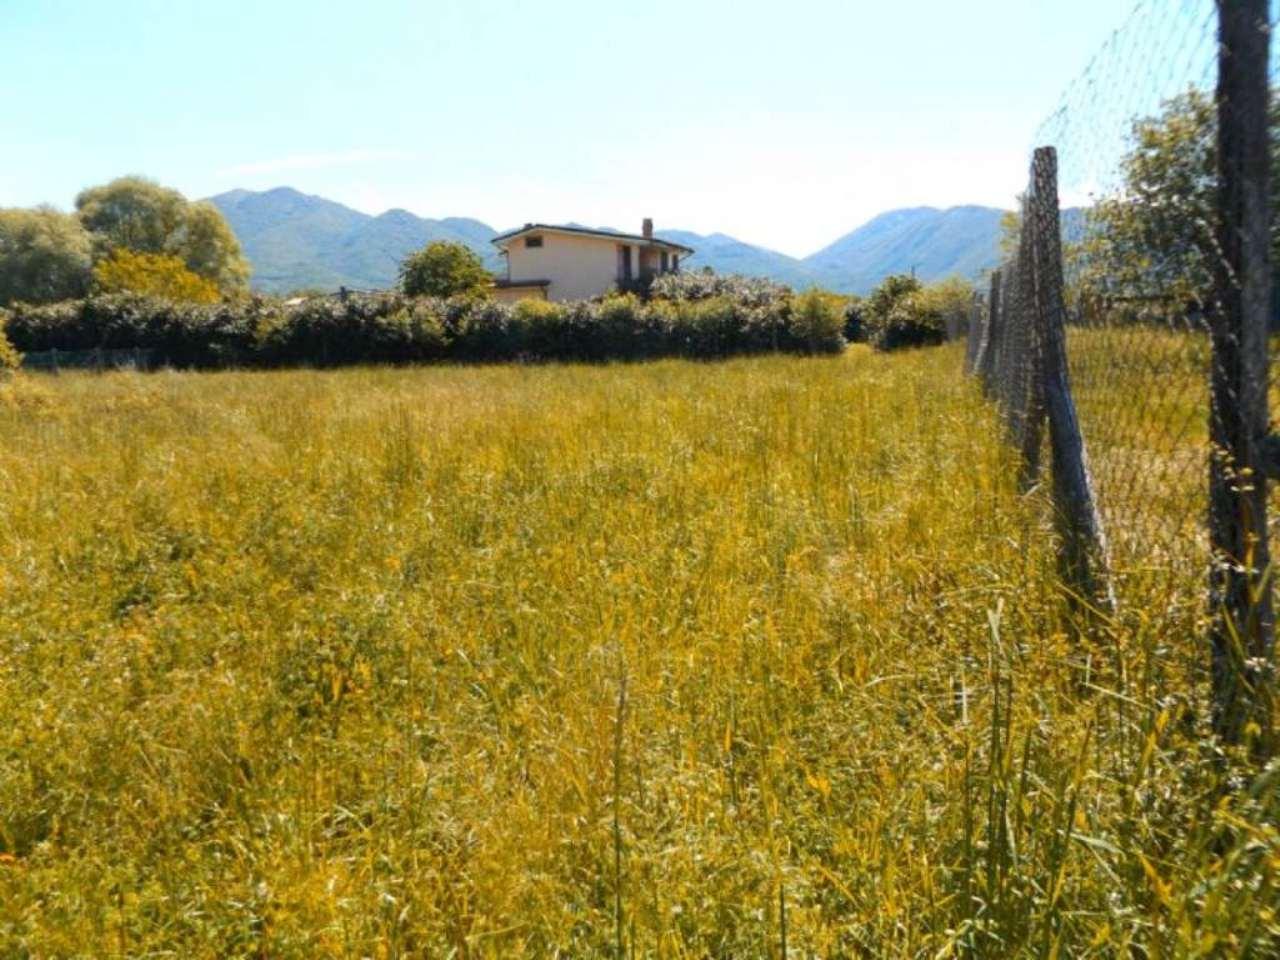 Terreno Agricolo in vendita a Oricola, 9999 locali, prezzo € 22.000 | CambioCasa.it